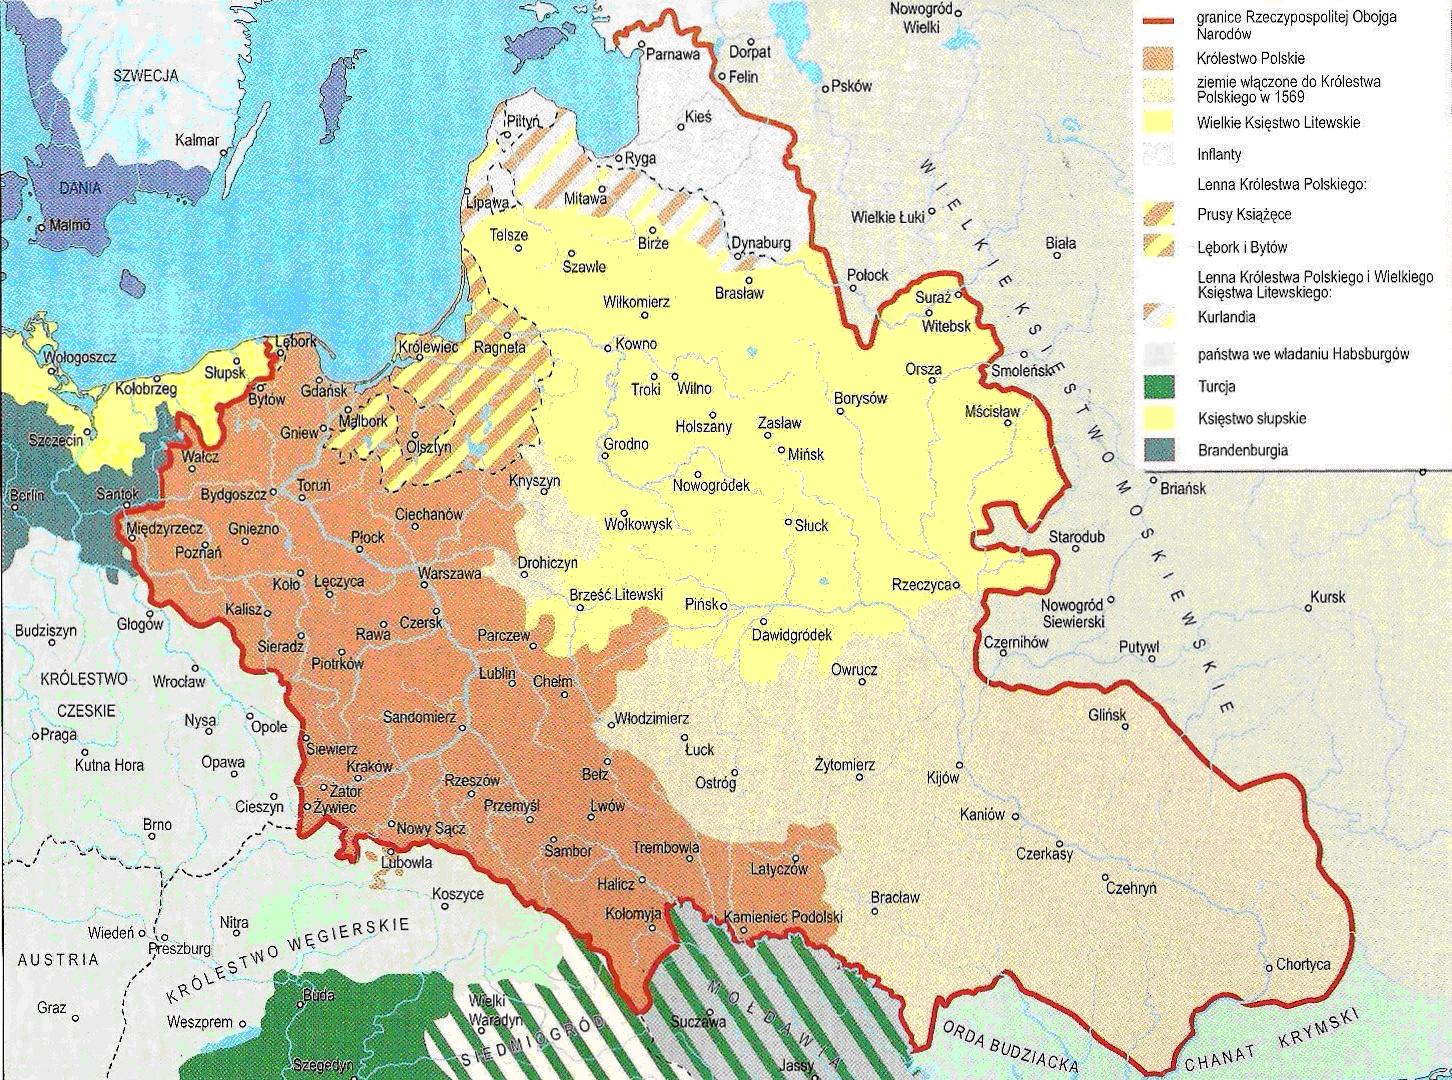 unia mapa